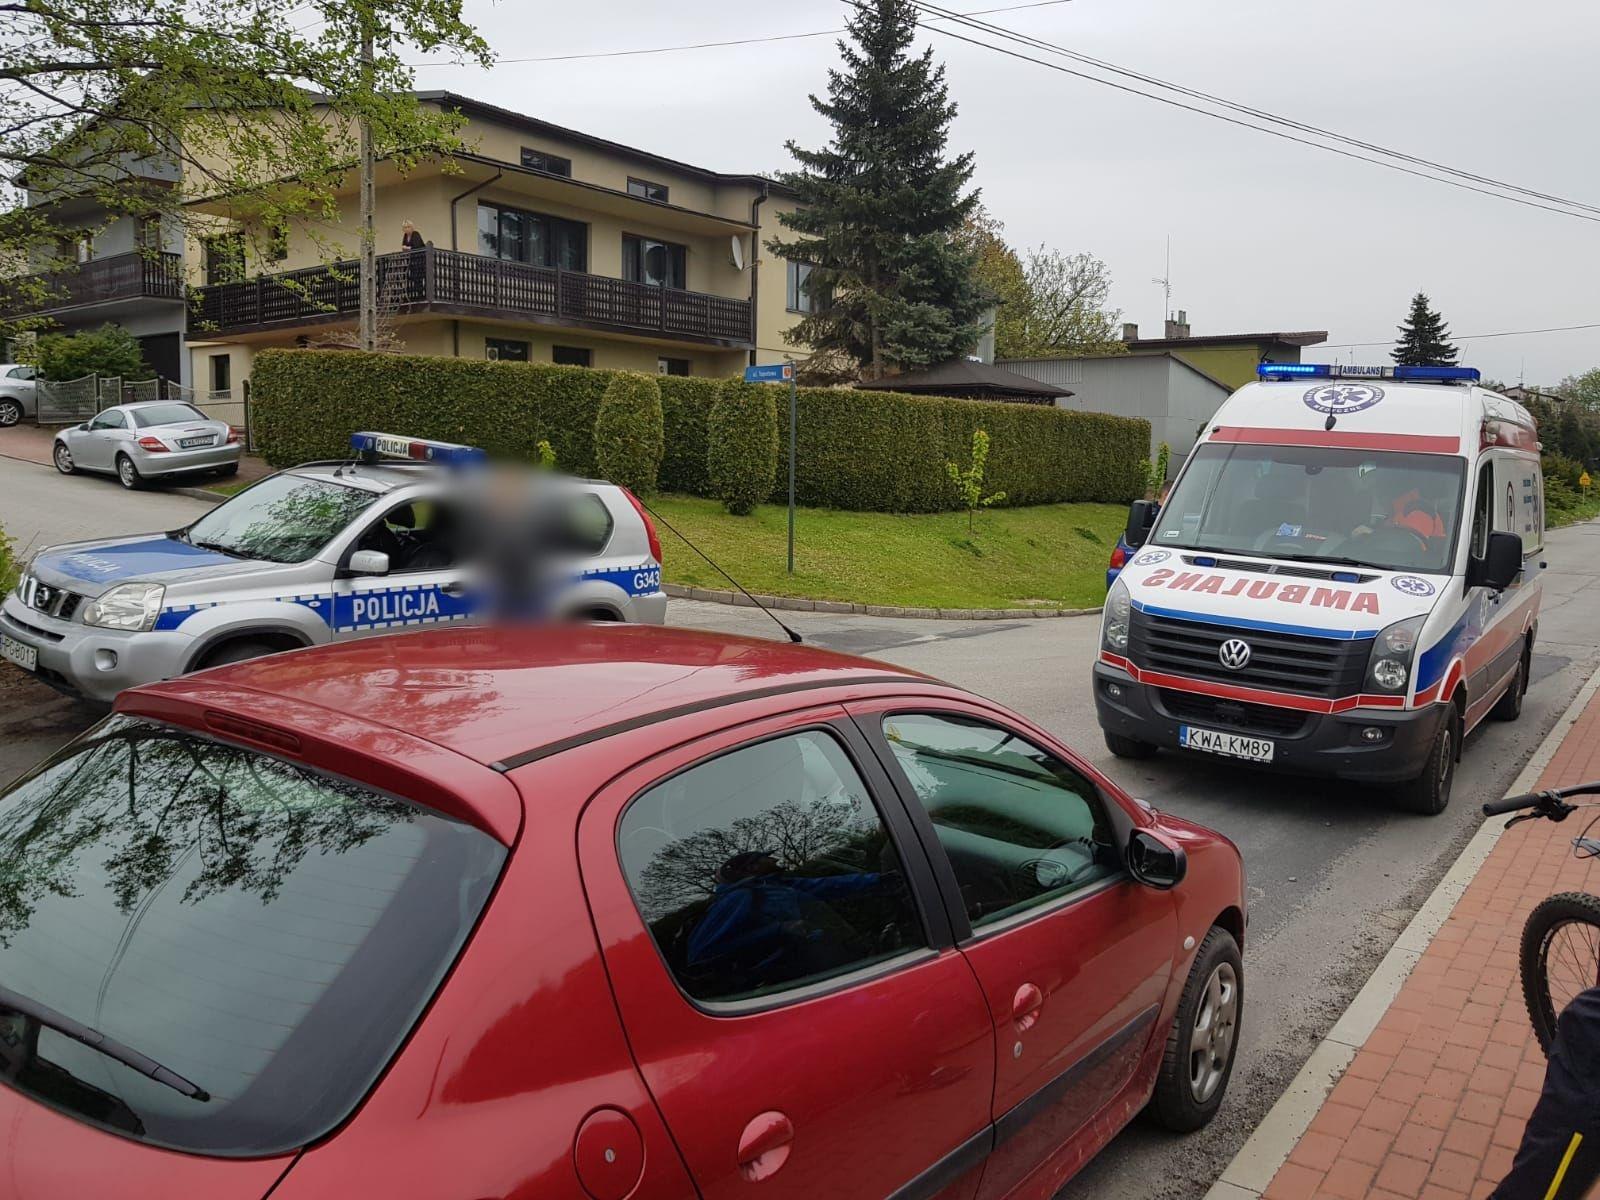 Potrącenie dziecka przez samochód w Andrychowie